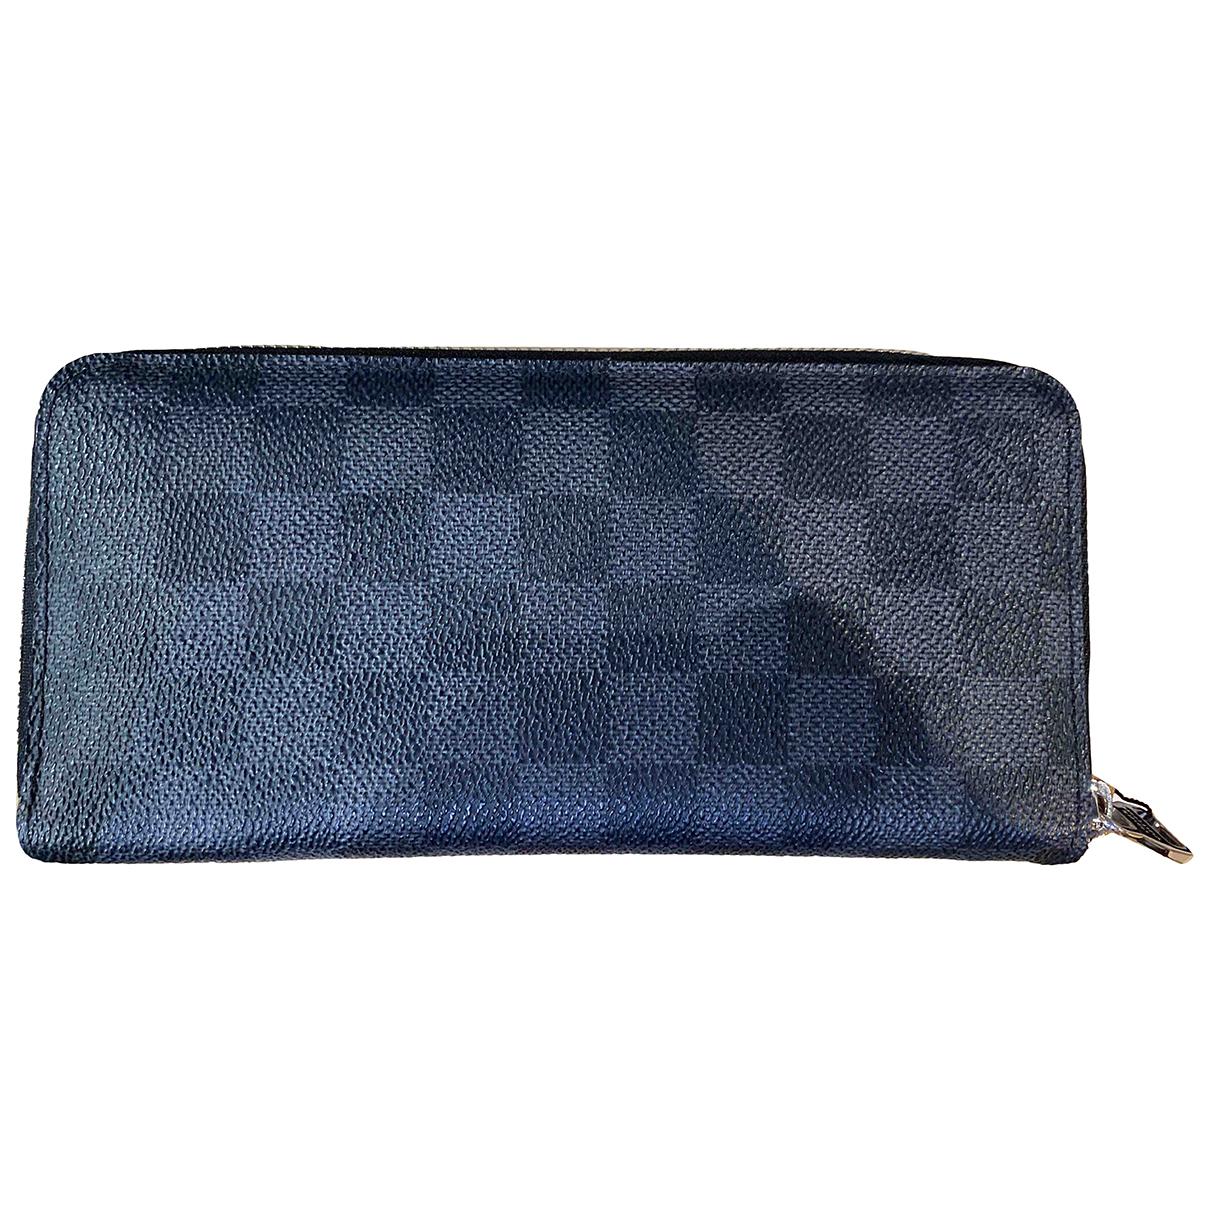 Louis Vuitton \N Kleinlederwaren in  Anthrazit Leinen